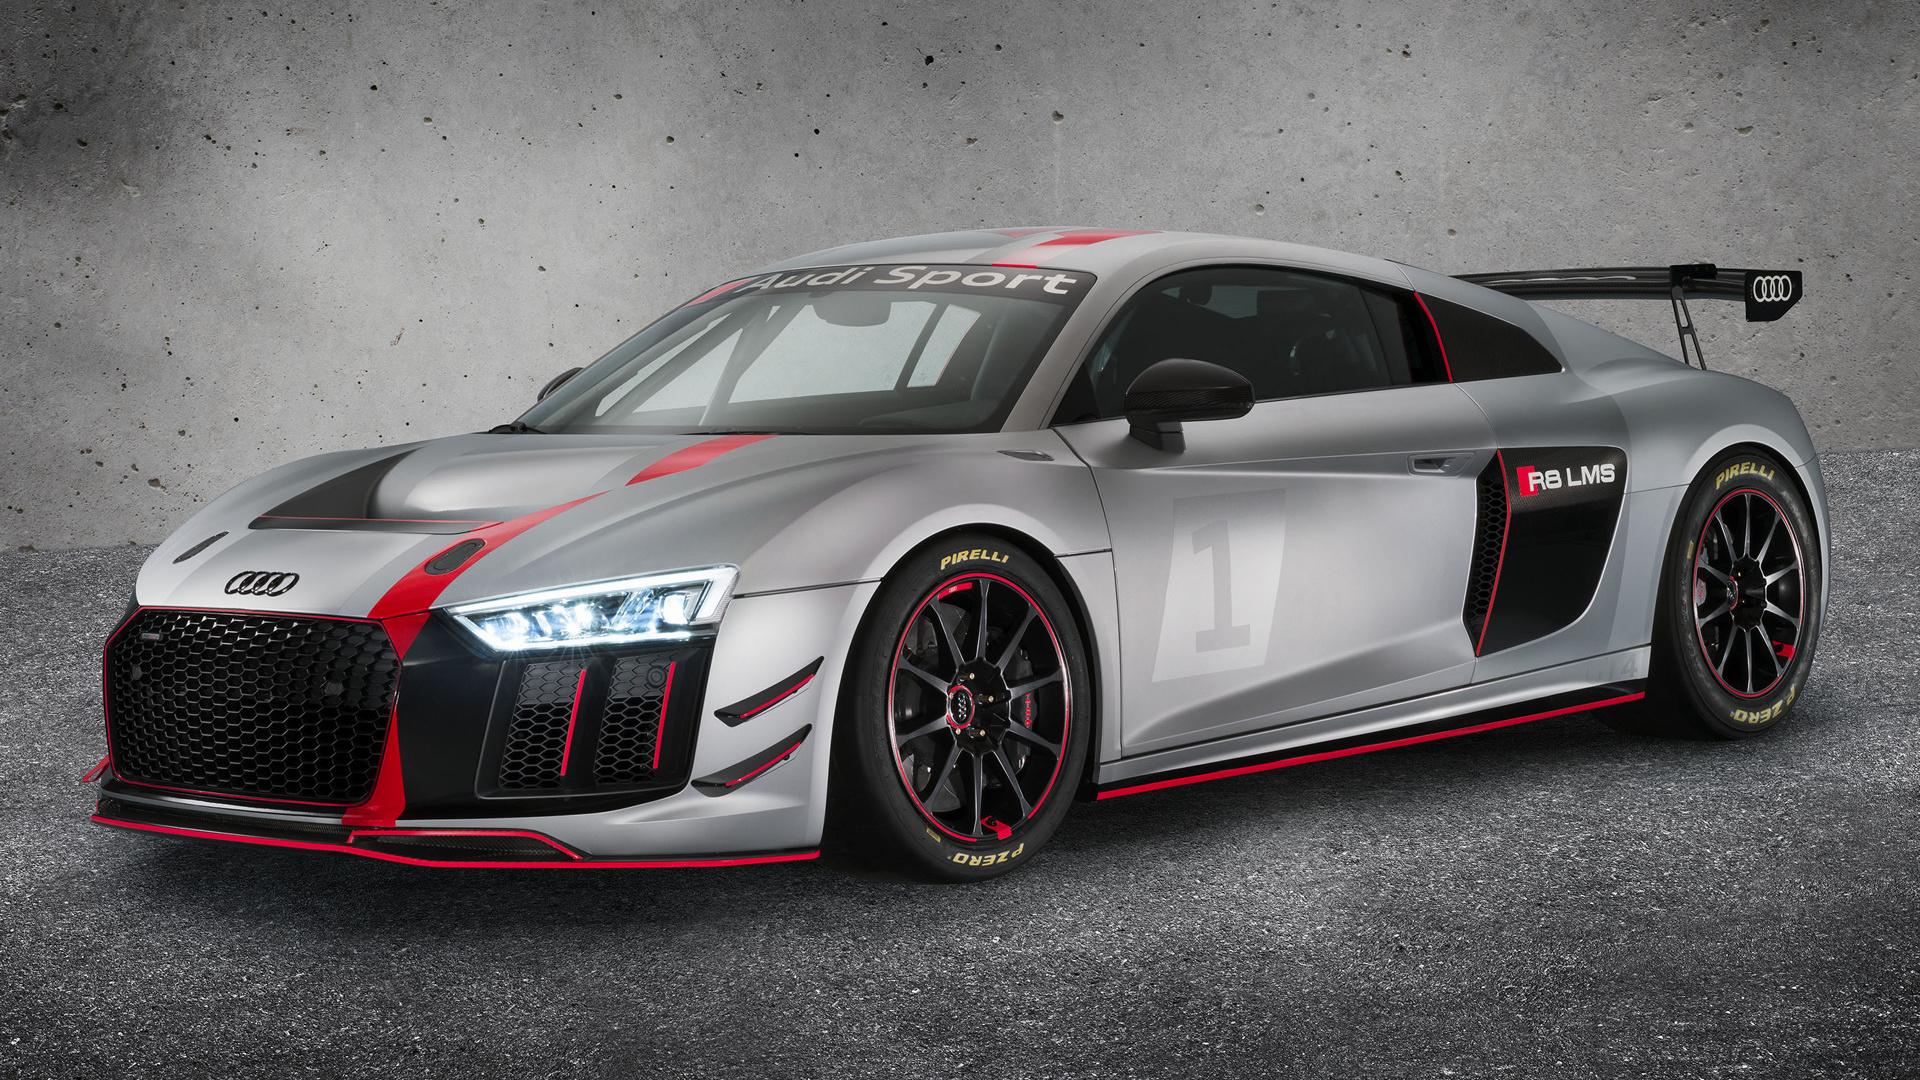 2017 Audi R8 LMS GT4 Fond d'écran HD | Arrière-Plan | 1920x1080 | ID:906799 - Wallpaper Abyss